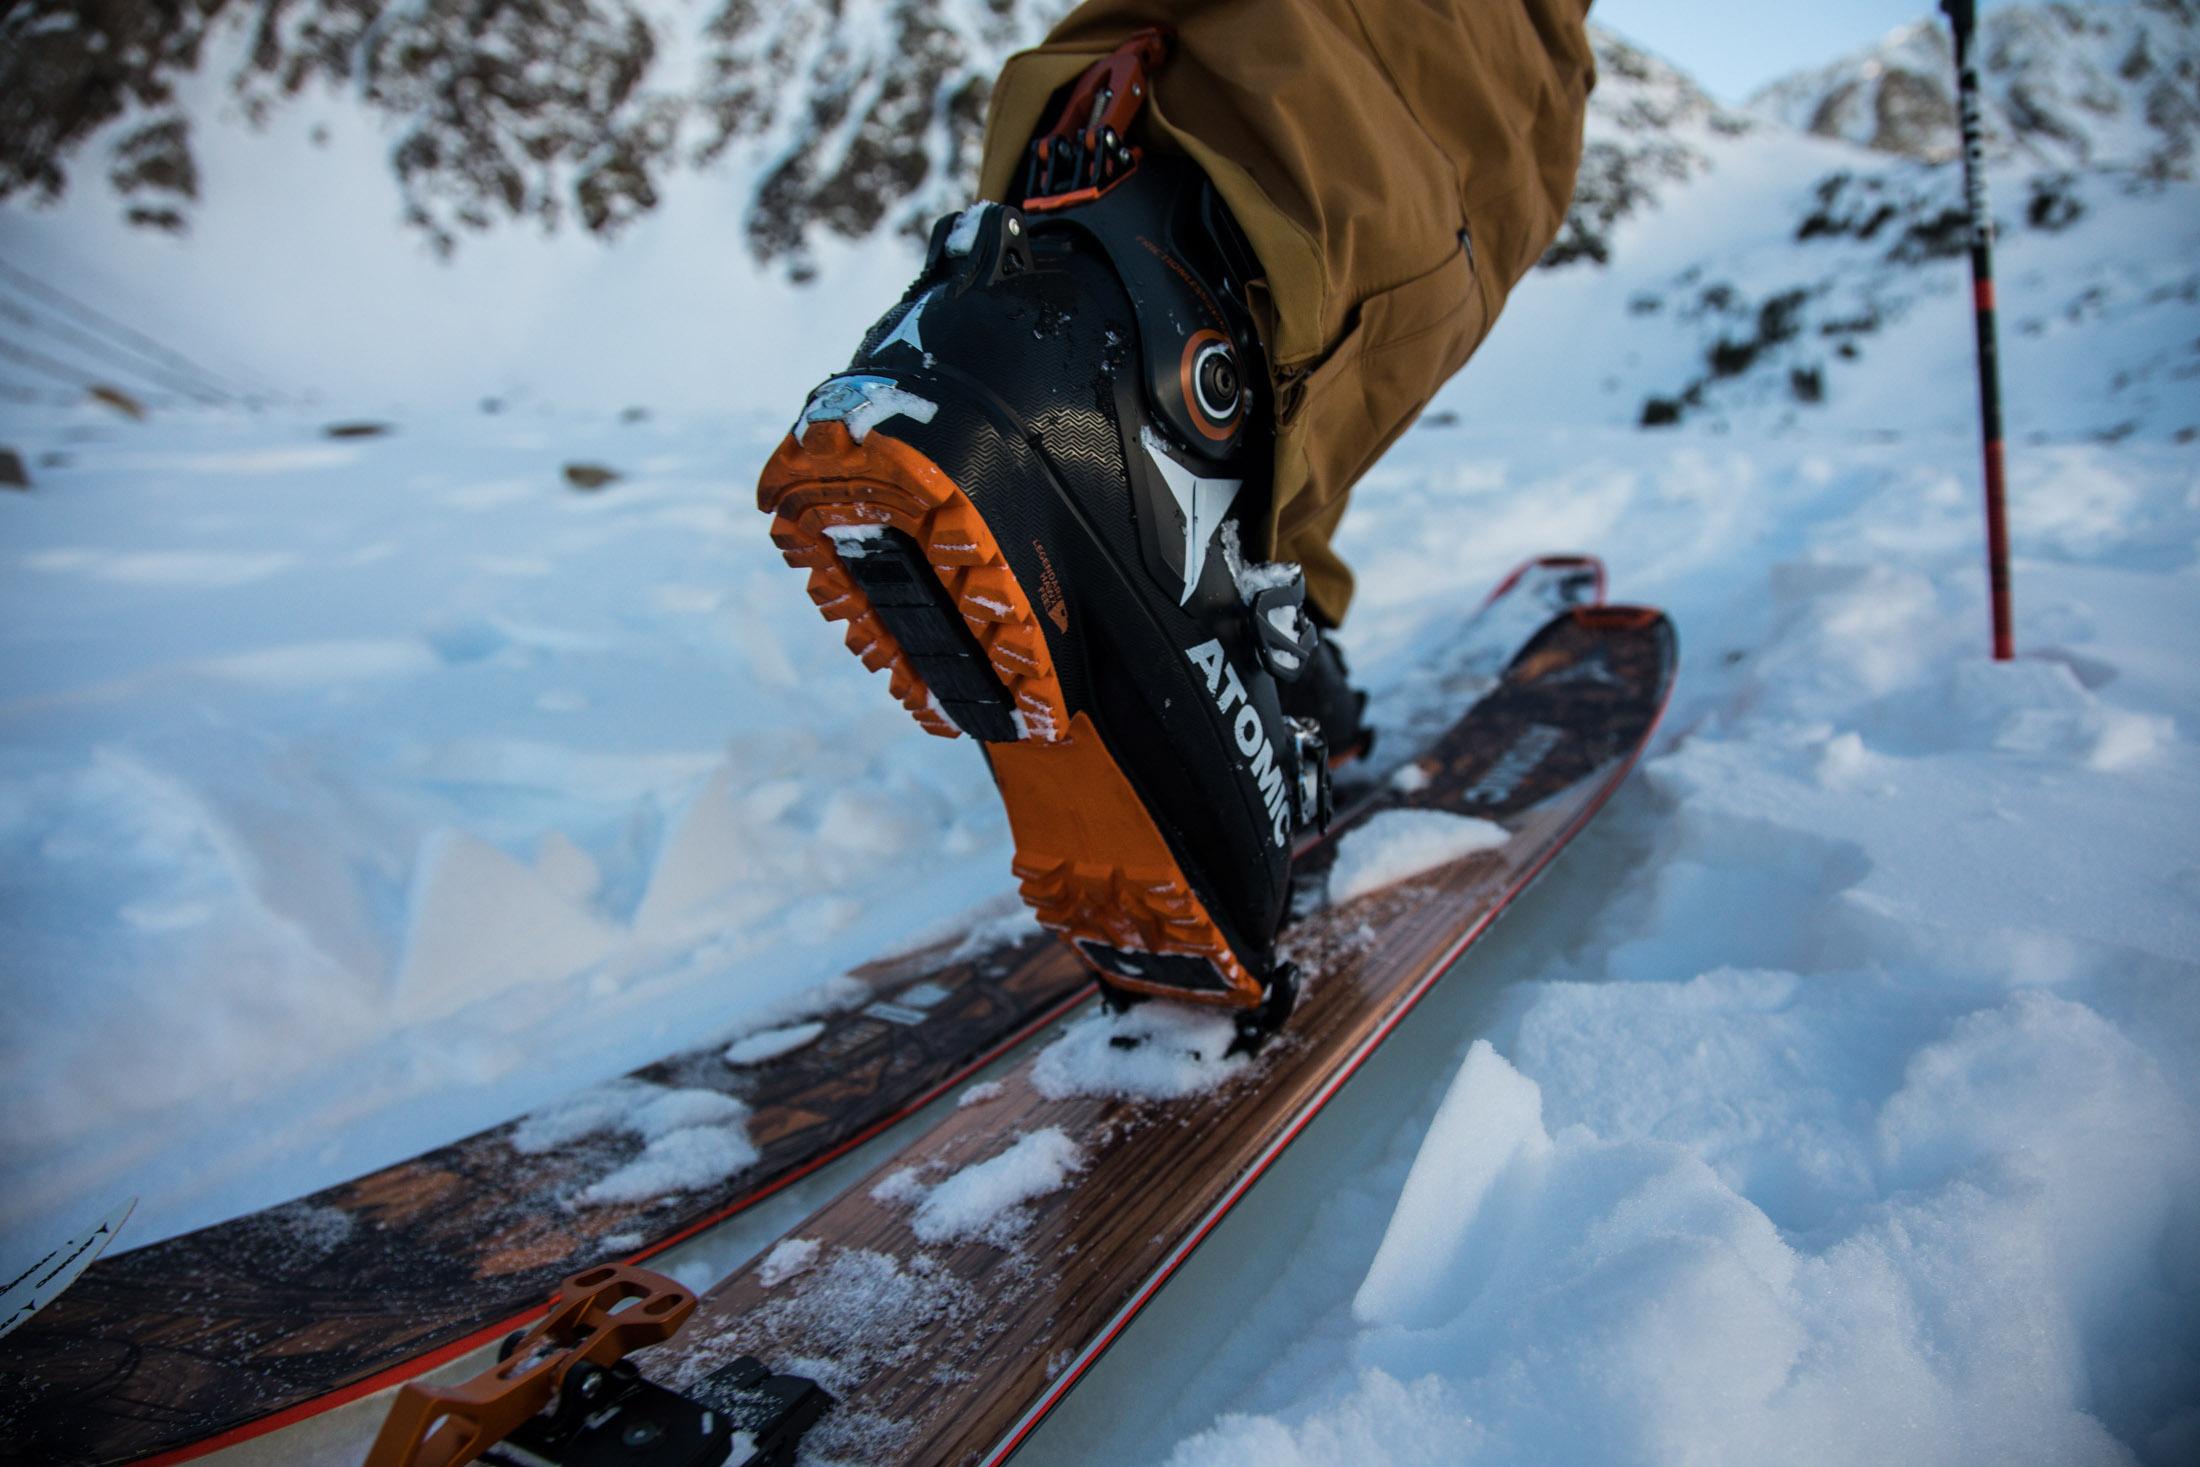 Attacchi scialpinismo